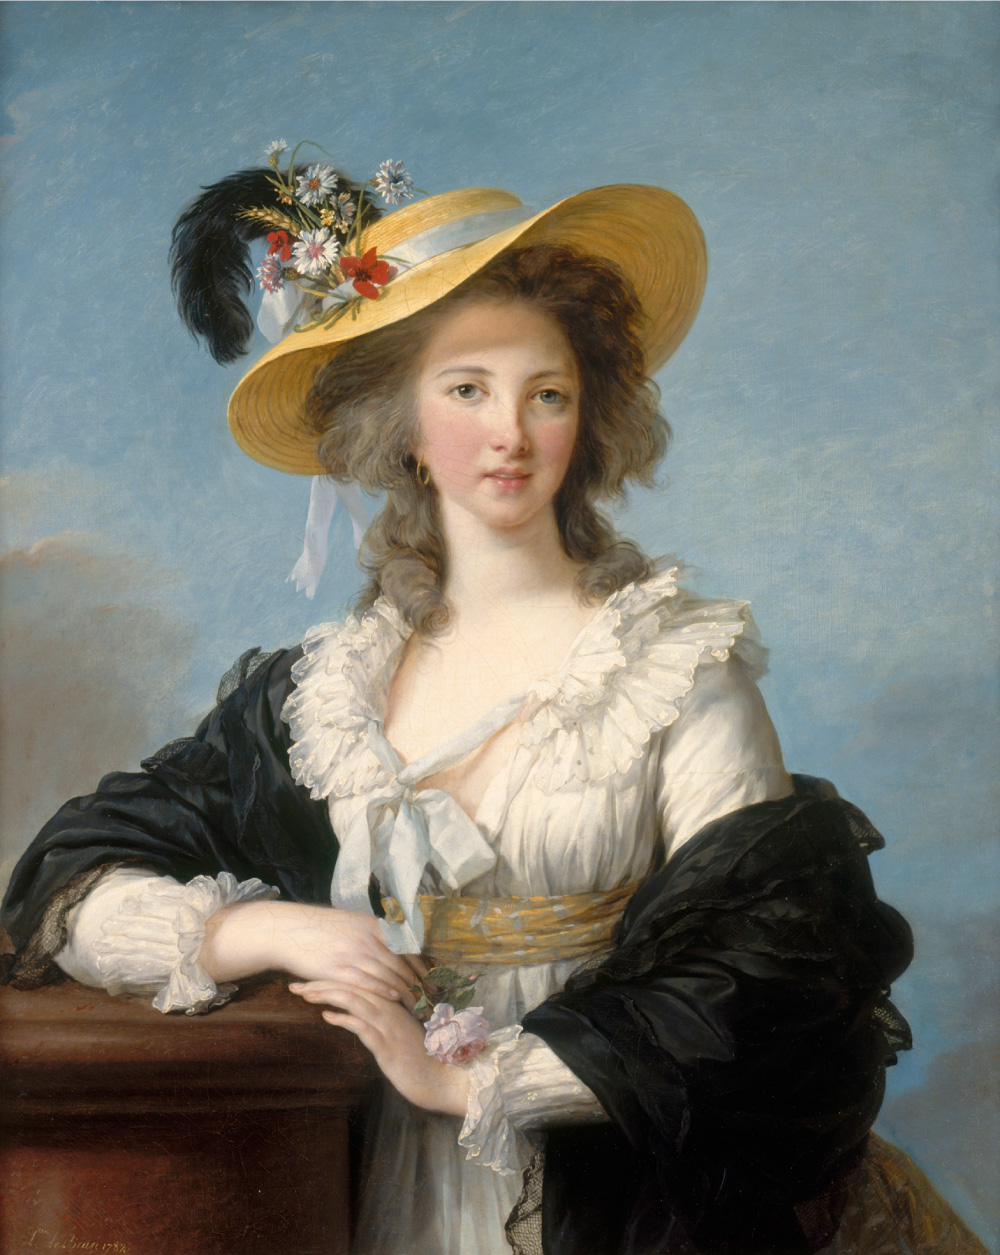 ポリニャック公爵夫人、 ガブリエル・ヨランド・クロード・マルチーヌ・ド・ポラストロン